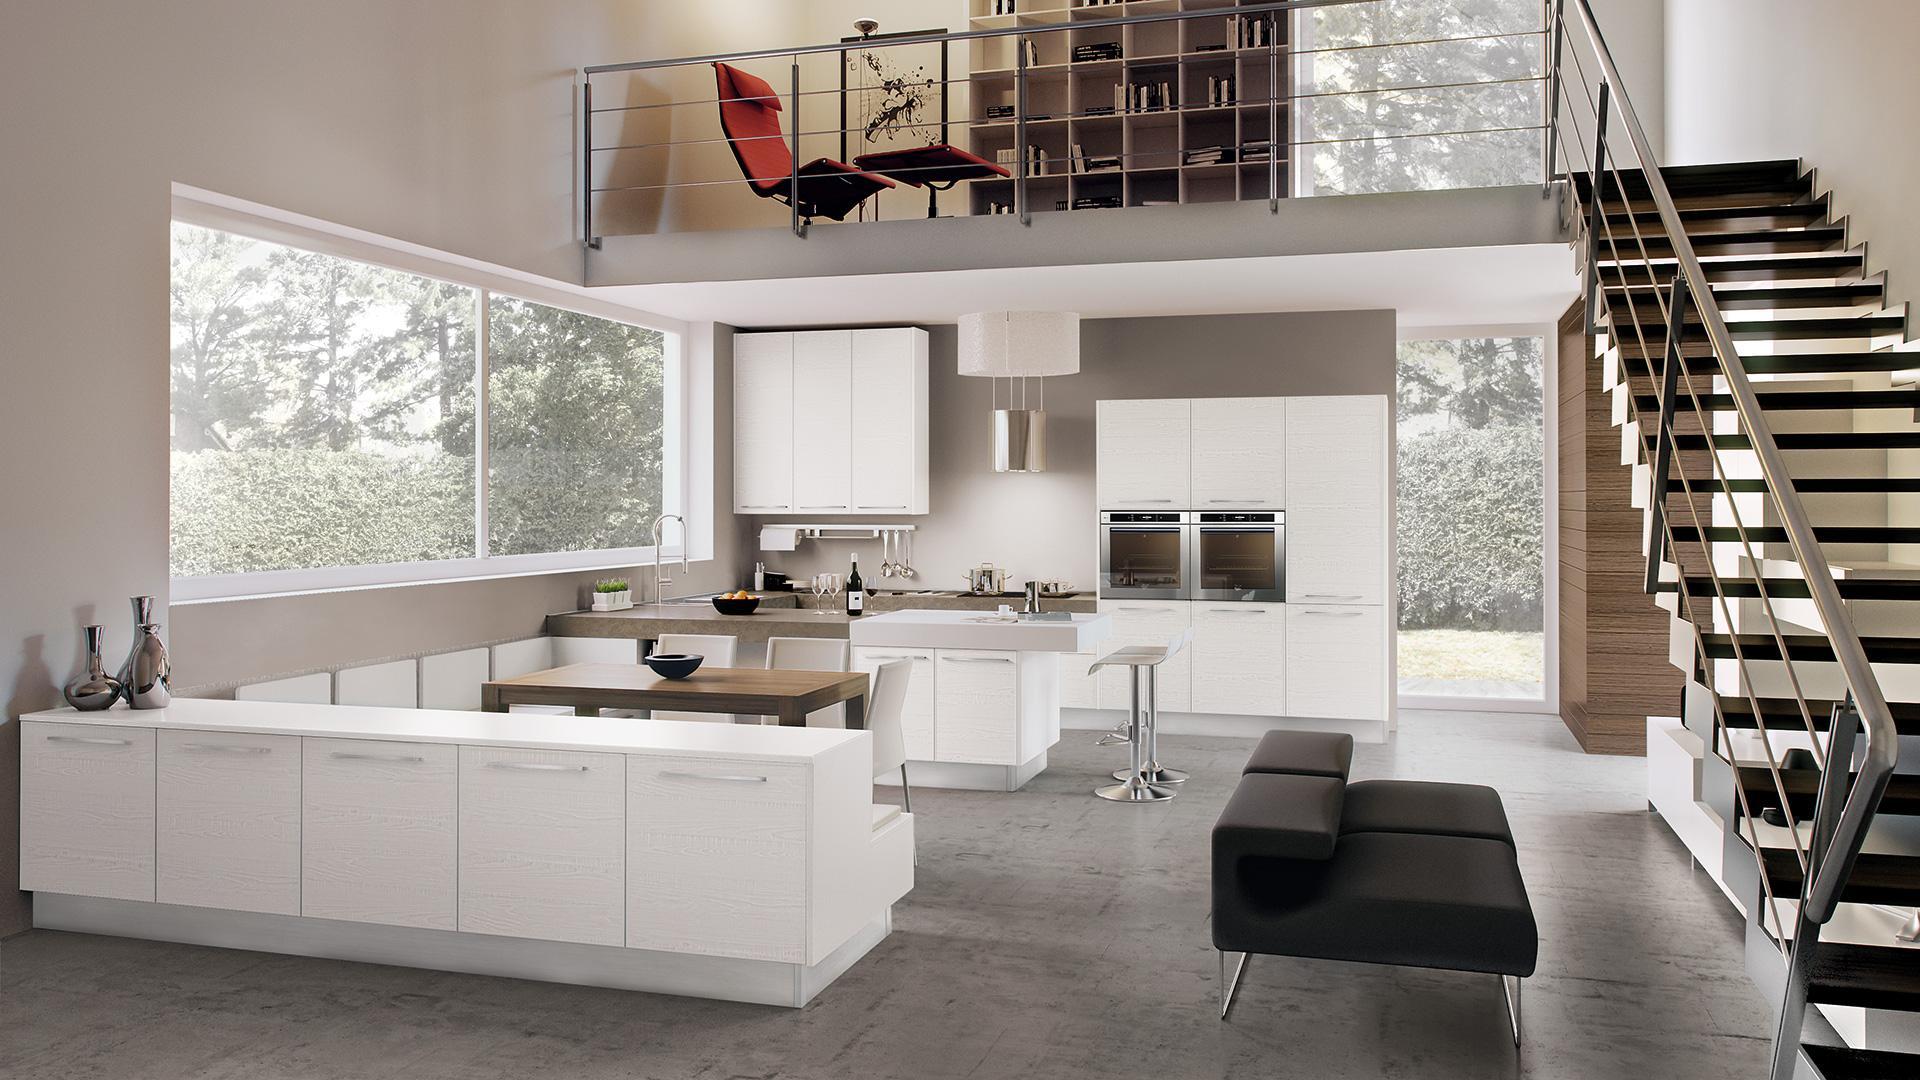 Perch scegliere una cucina bianca cucine lube milano - Cucina bordeaux e bianca ...